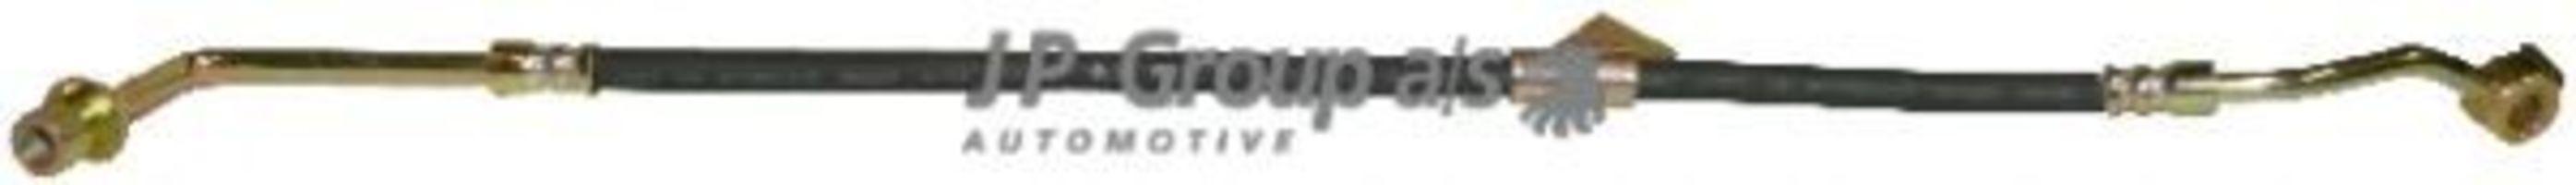 Шланг тормозной JP GROUP 1561600300